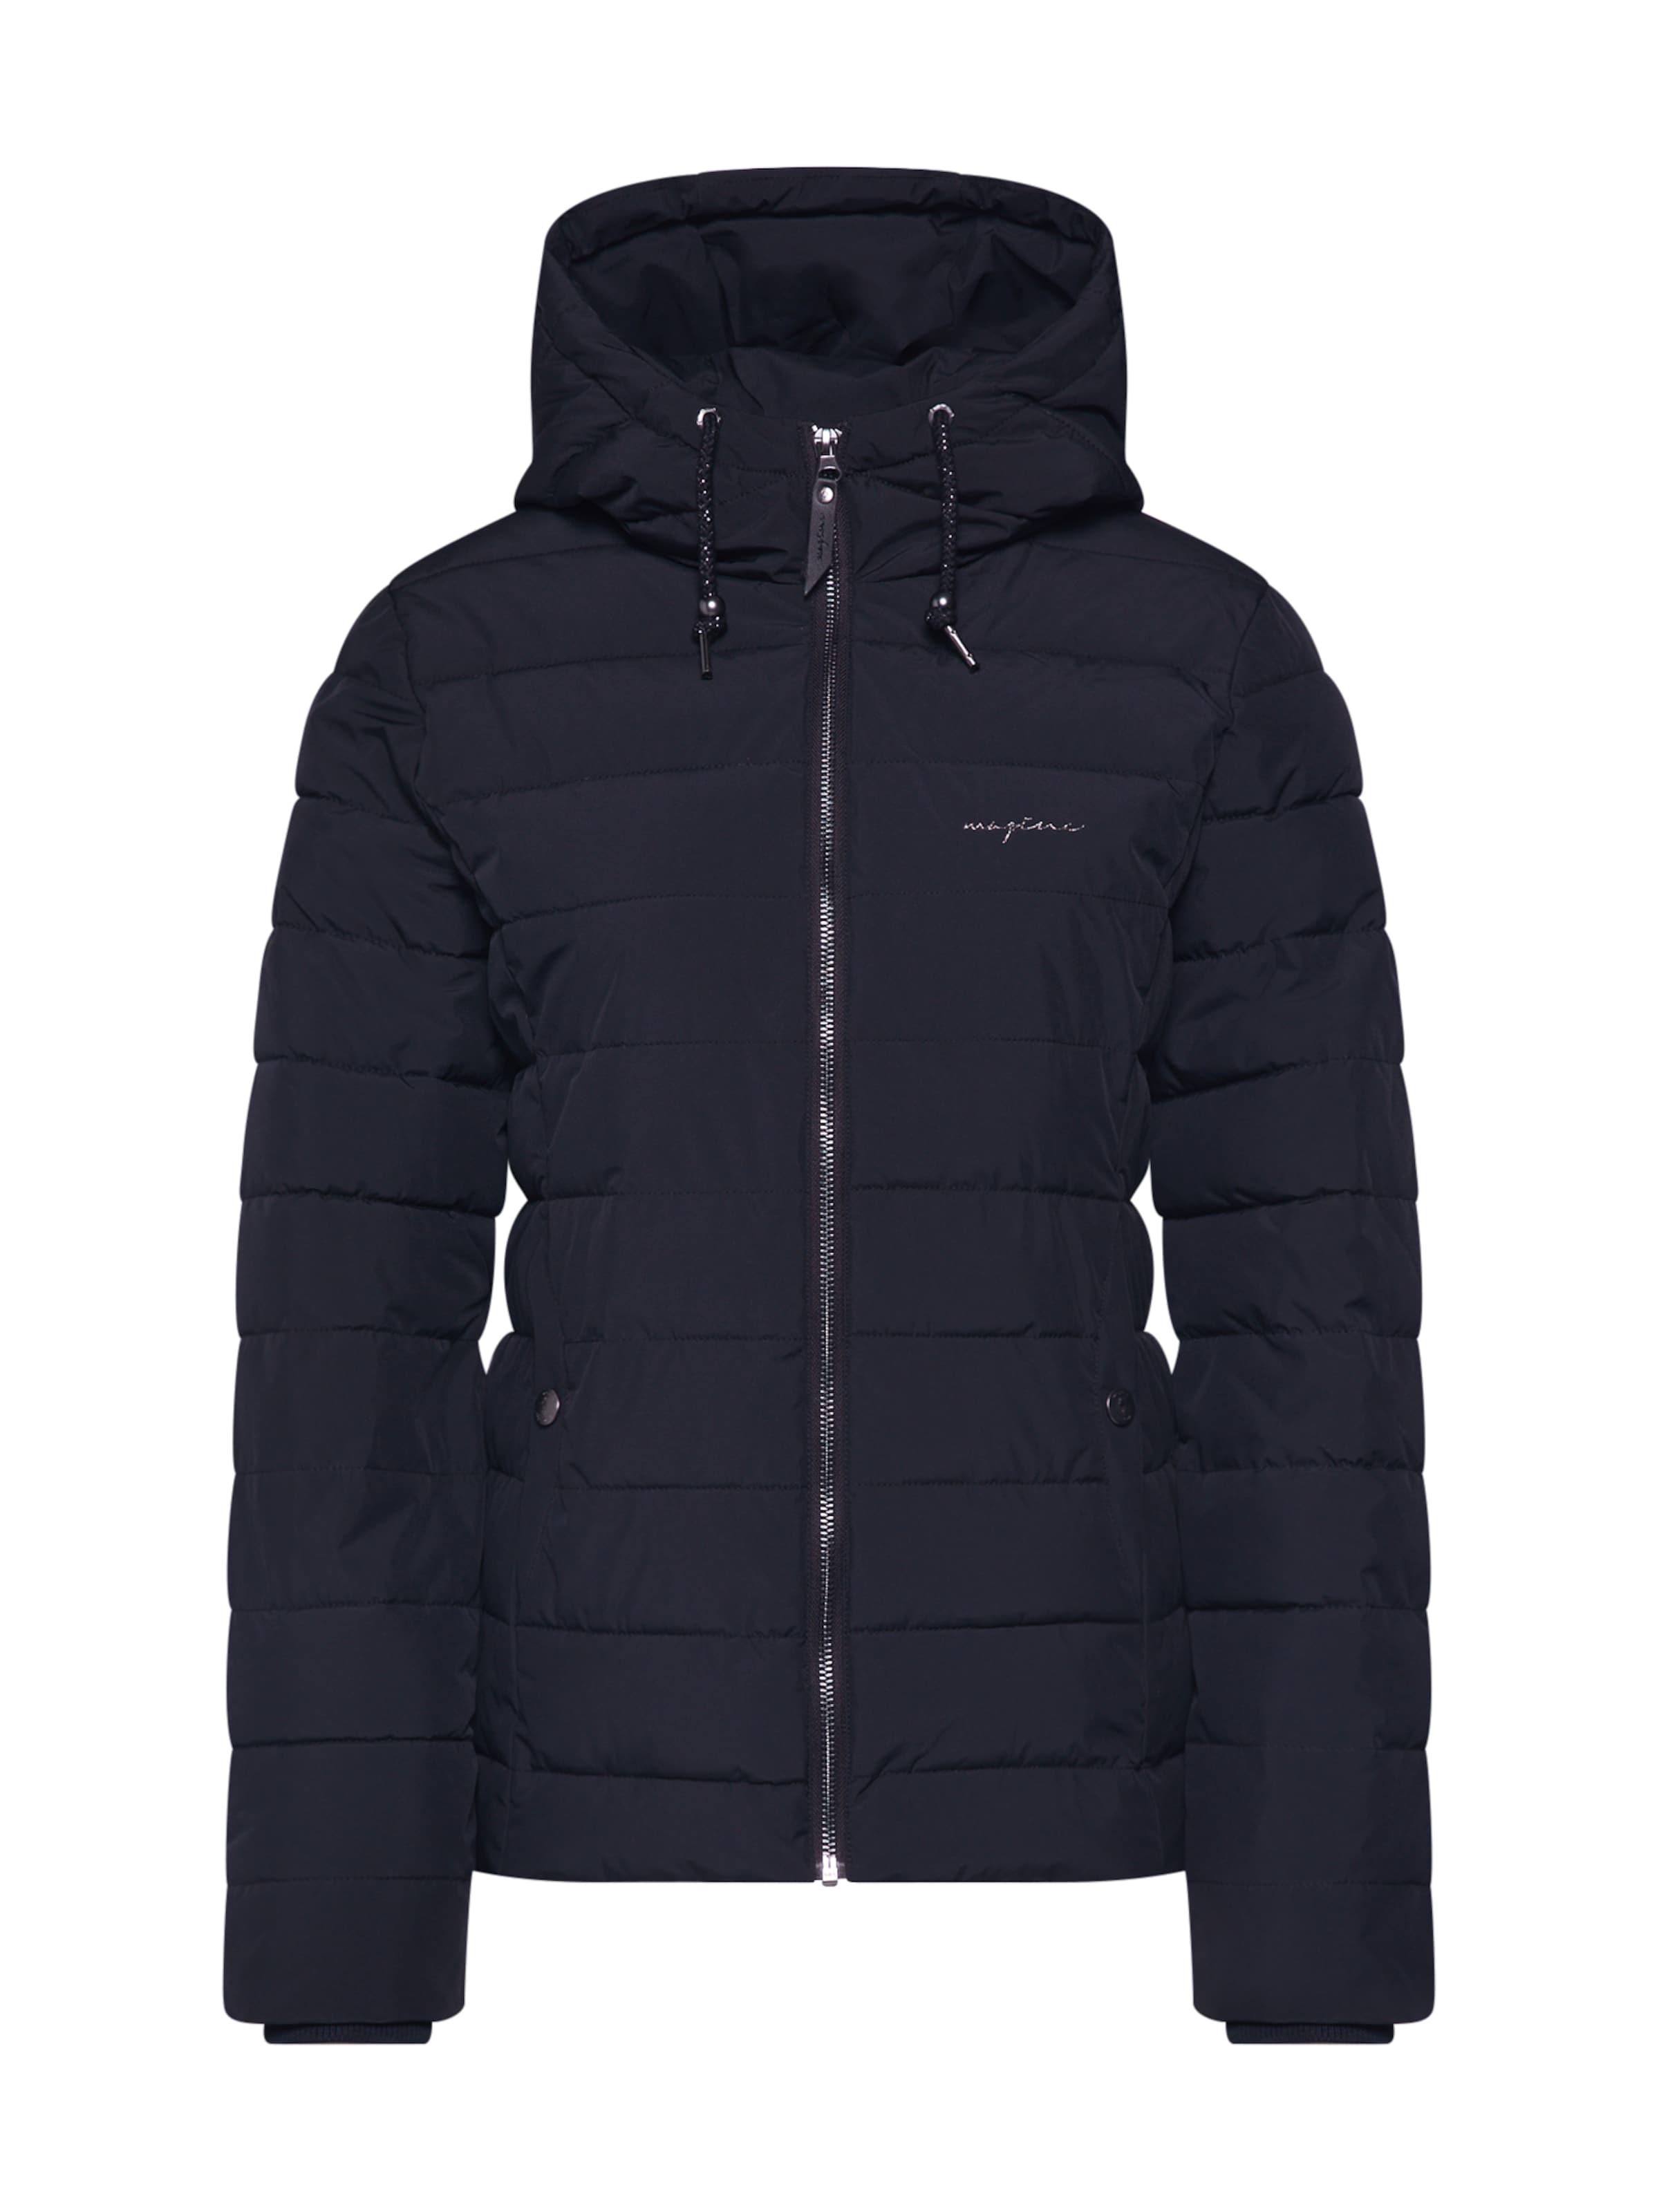 D'hiver D'hiver Veste Veste Noir Mazine En Mazine ChrsQtd